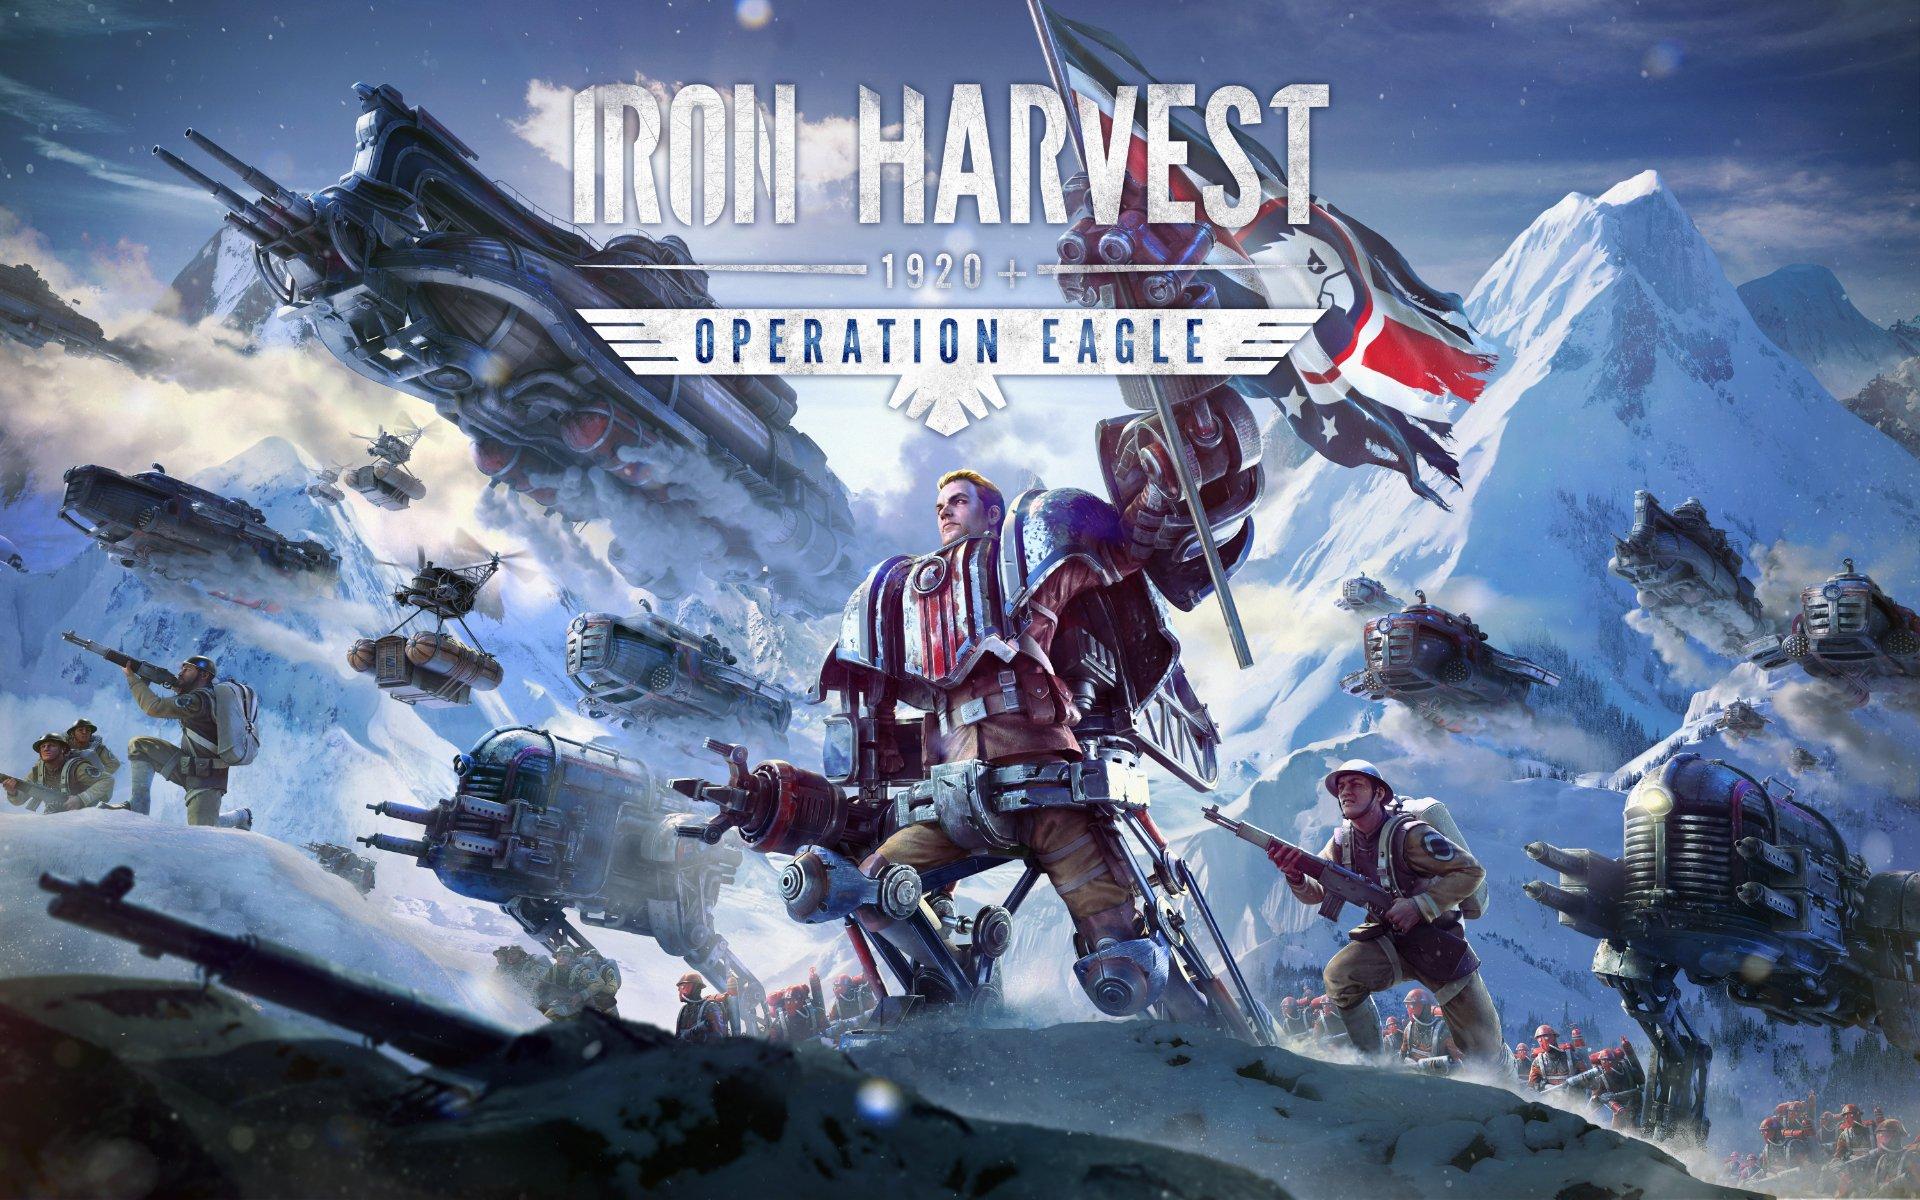 Nové DLC do Iron Harvest přinese další frakci Operation